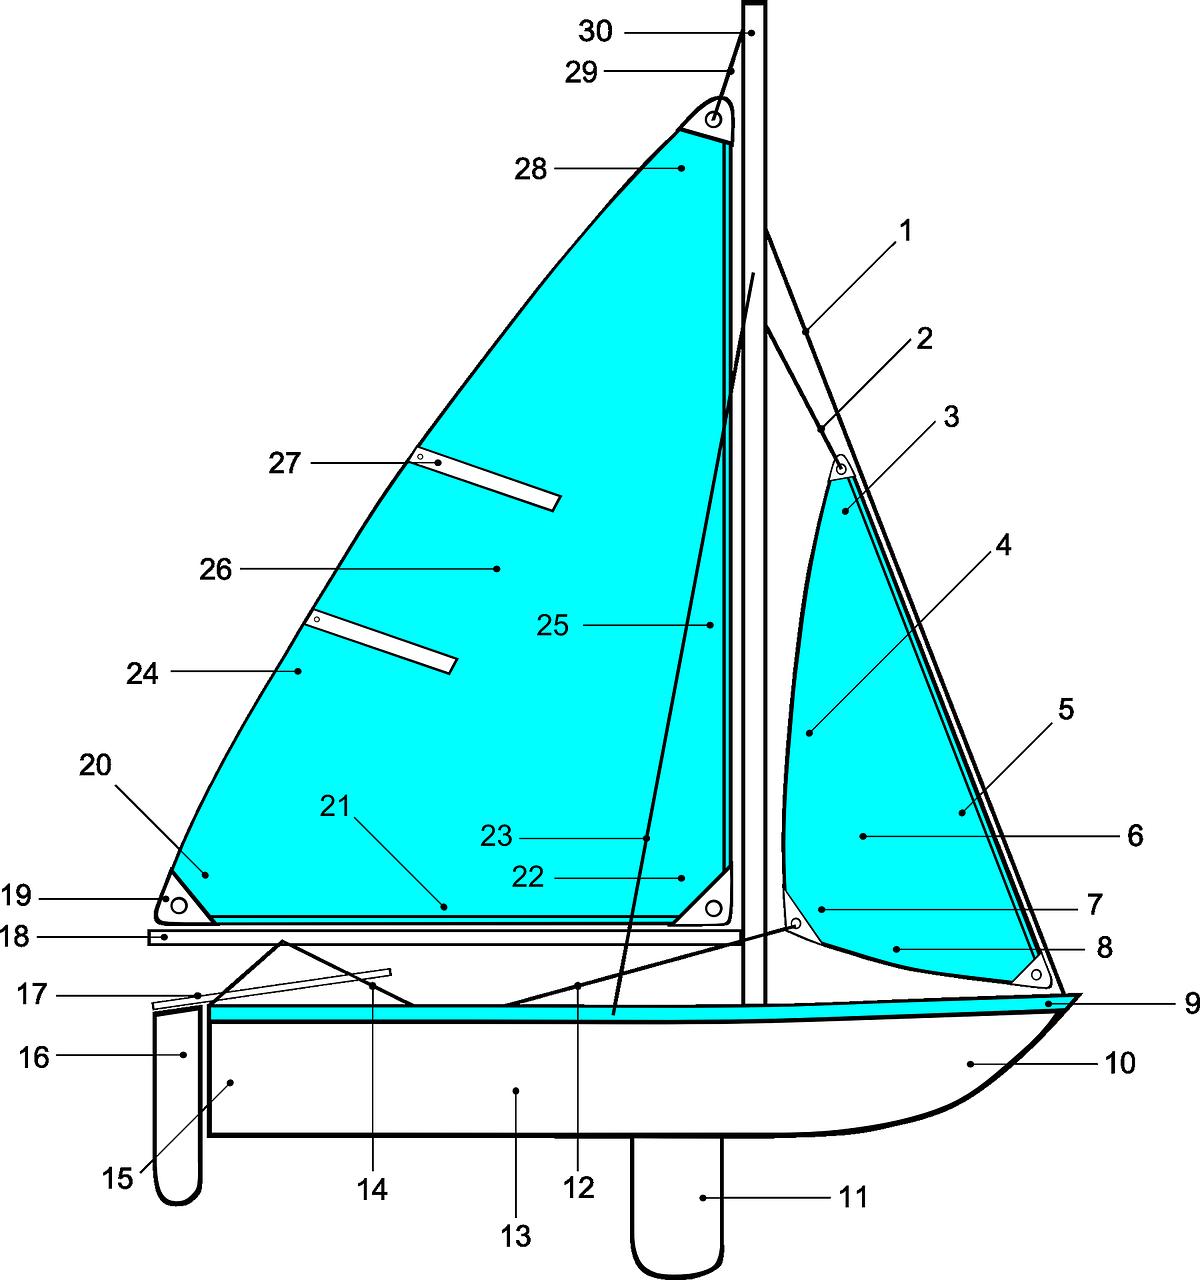 boat diagram sailboat sailing points boat boat diagram sailboat sailing points boat [ 1200 x 1280 Pixel ]